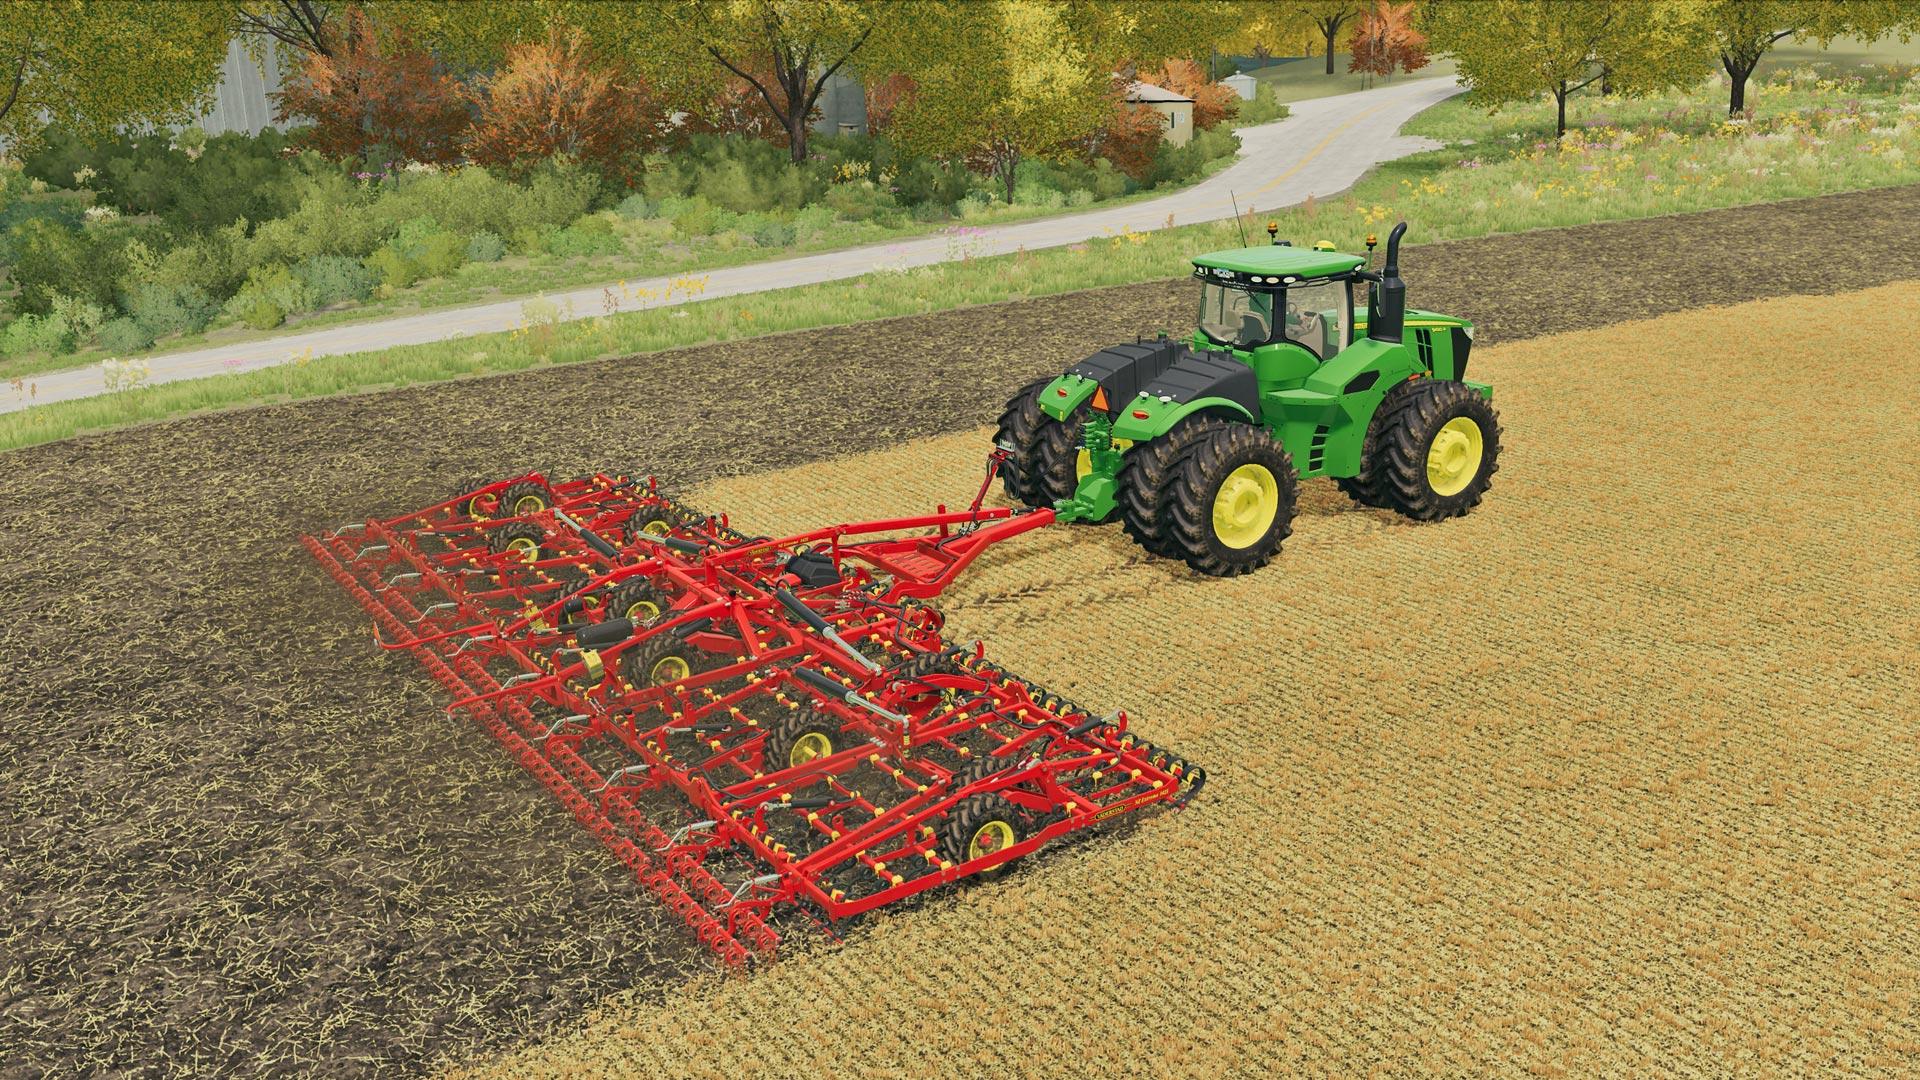 Ein Traktor pflügt ein Feld im Spiel Landwirtschafts-Simulator 22